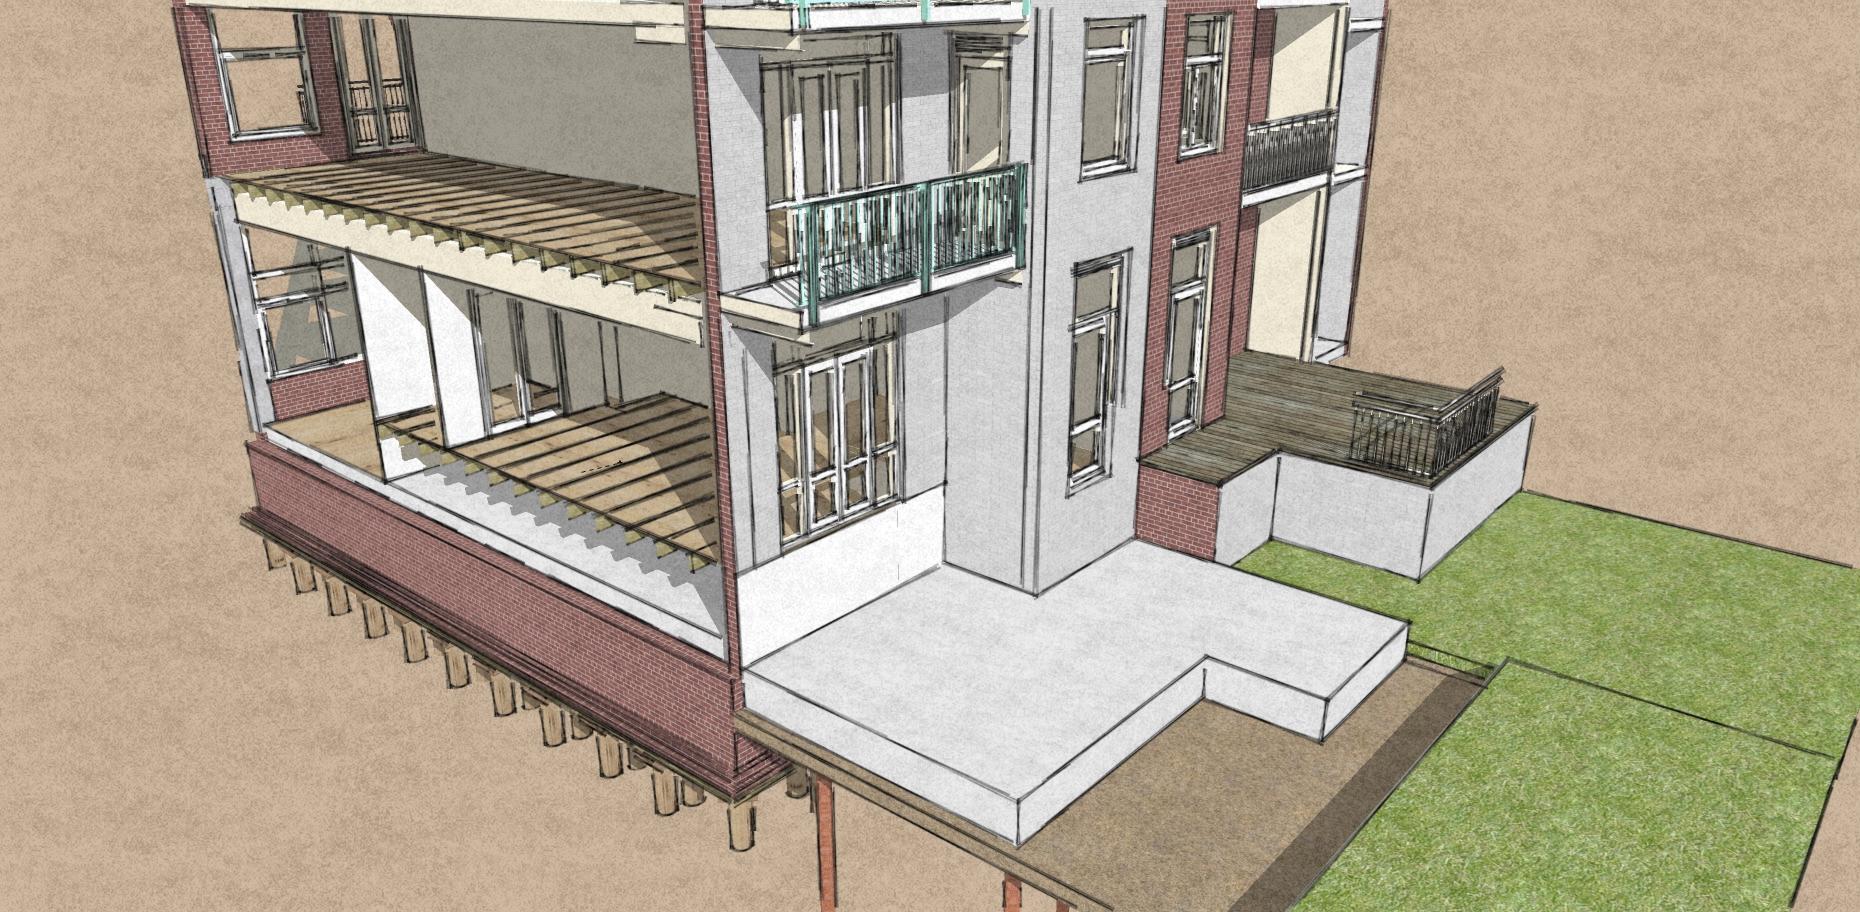 Uitbouw woning amsterdam oud west jan willem de groot - Trap voor daken ...